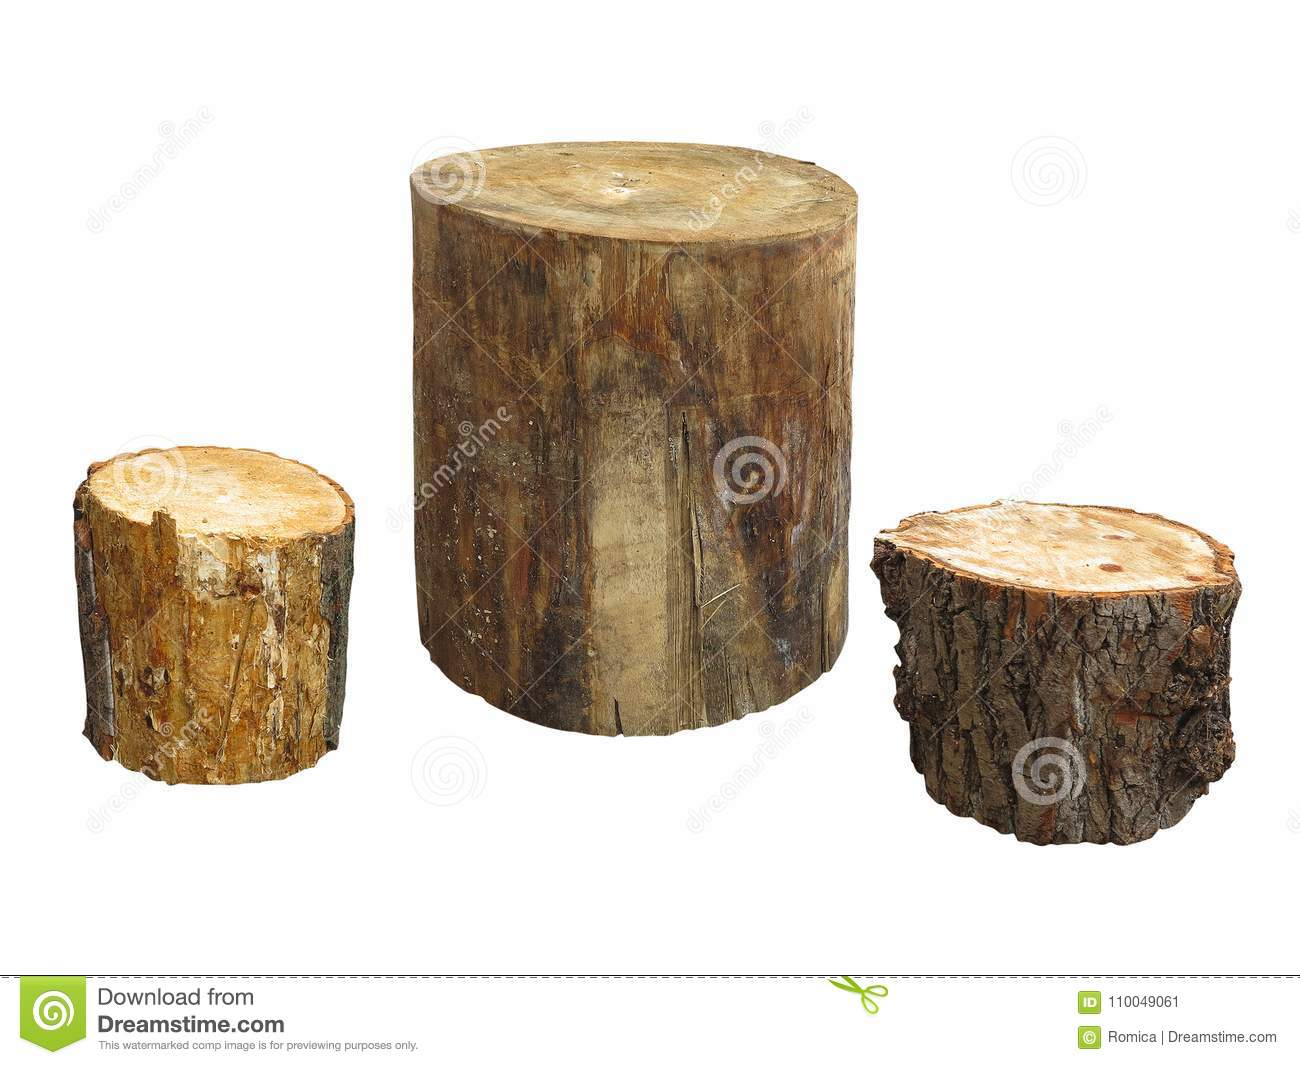 meubles de jardin faits à partir du rondin en bois d isolement sur le backgrou blanc